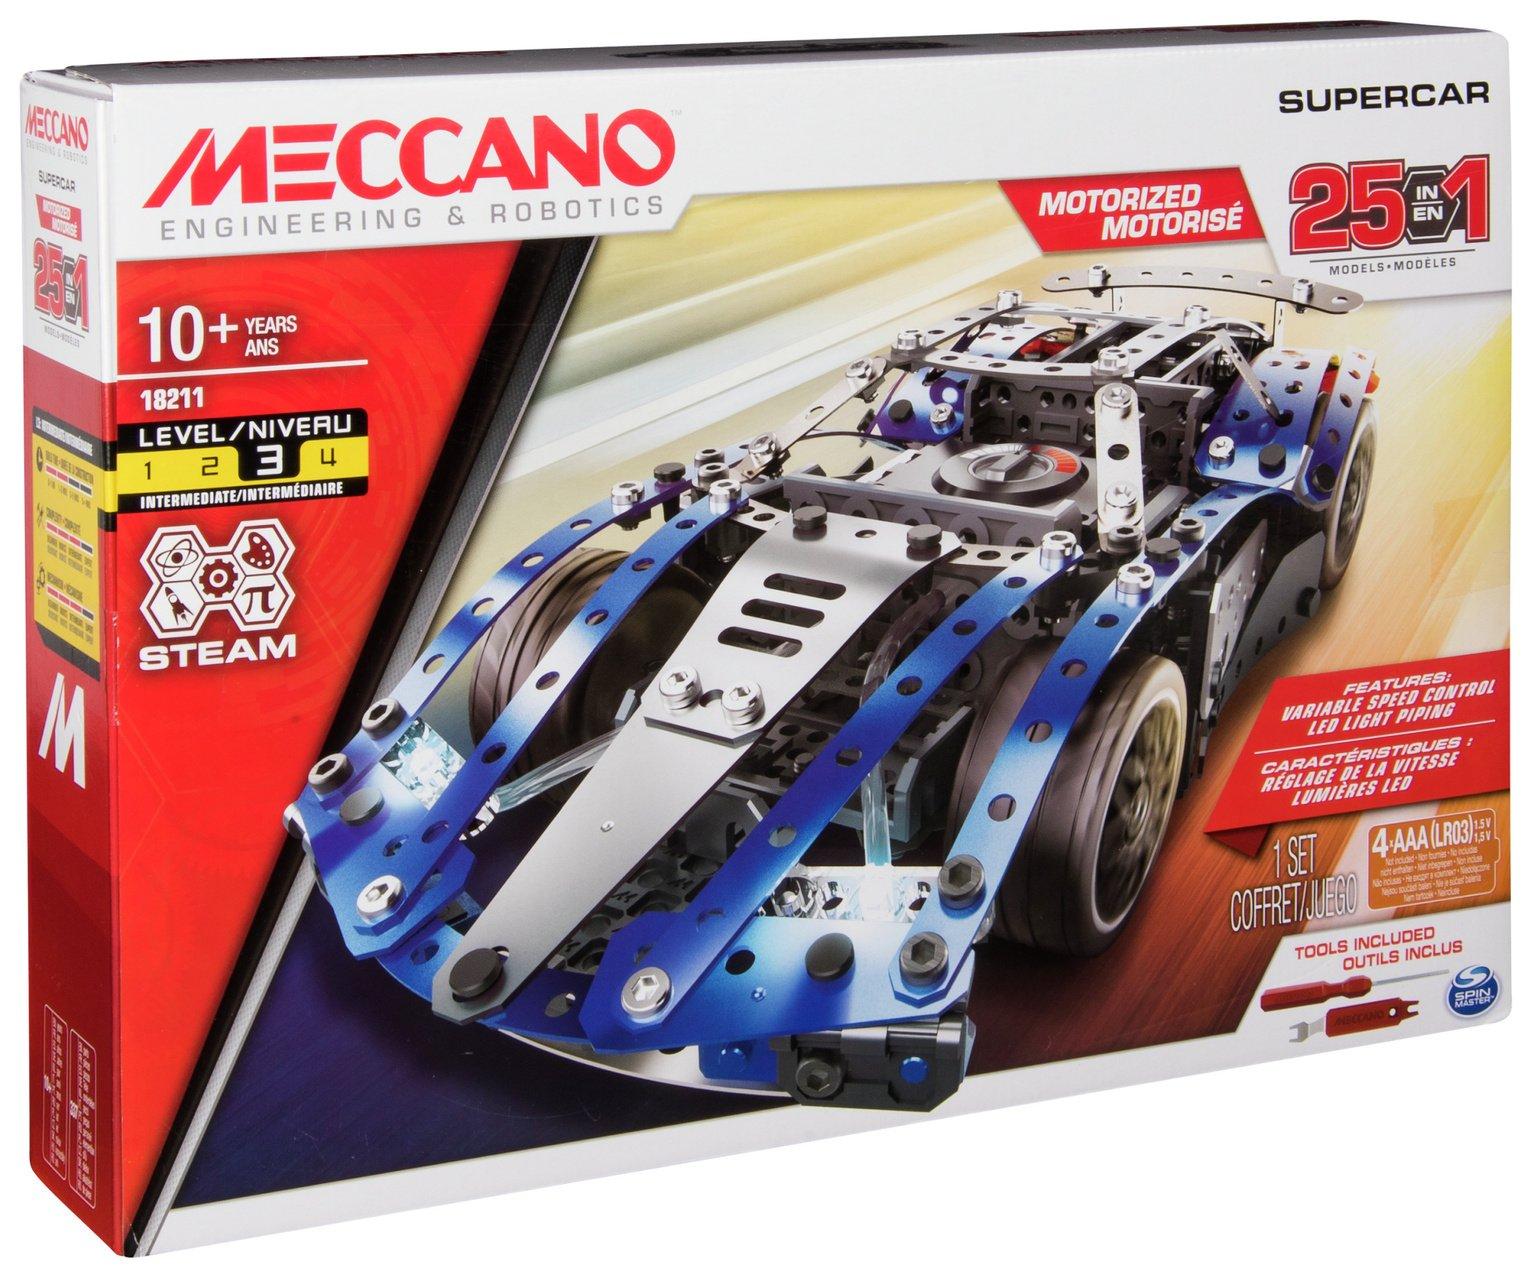 Meccano 25 Model Supercar